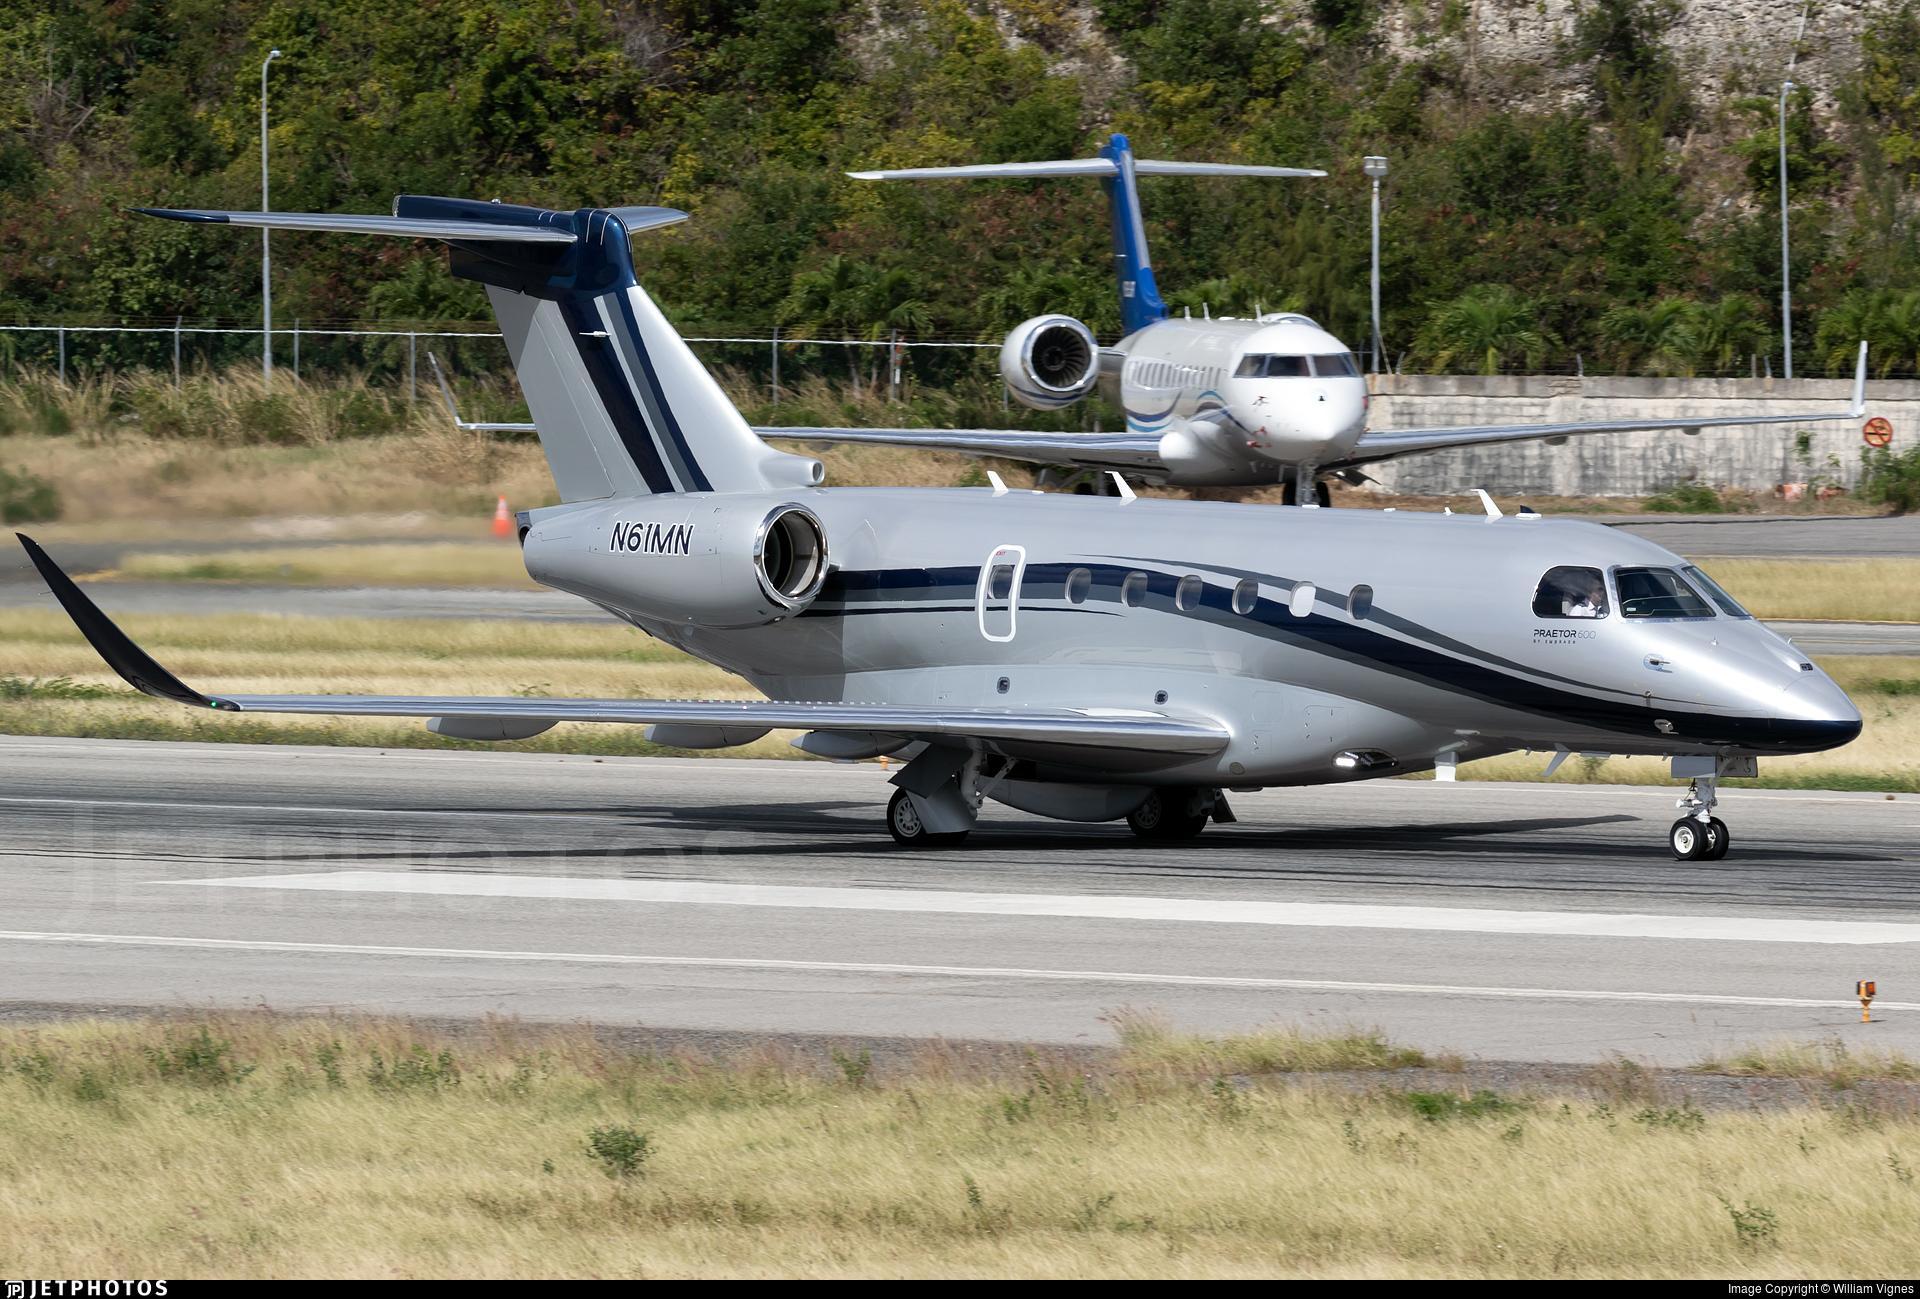 N61MN - Embraer EMB-550 Praetor 600 - Private